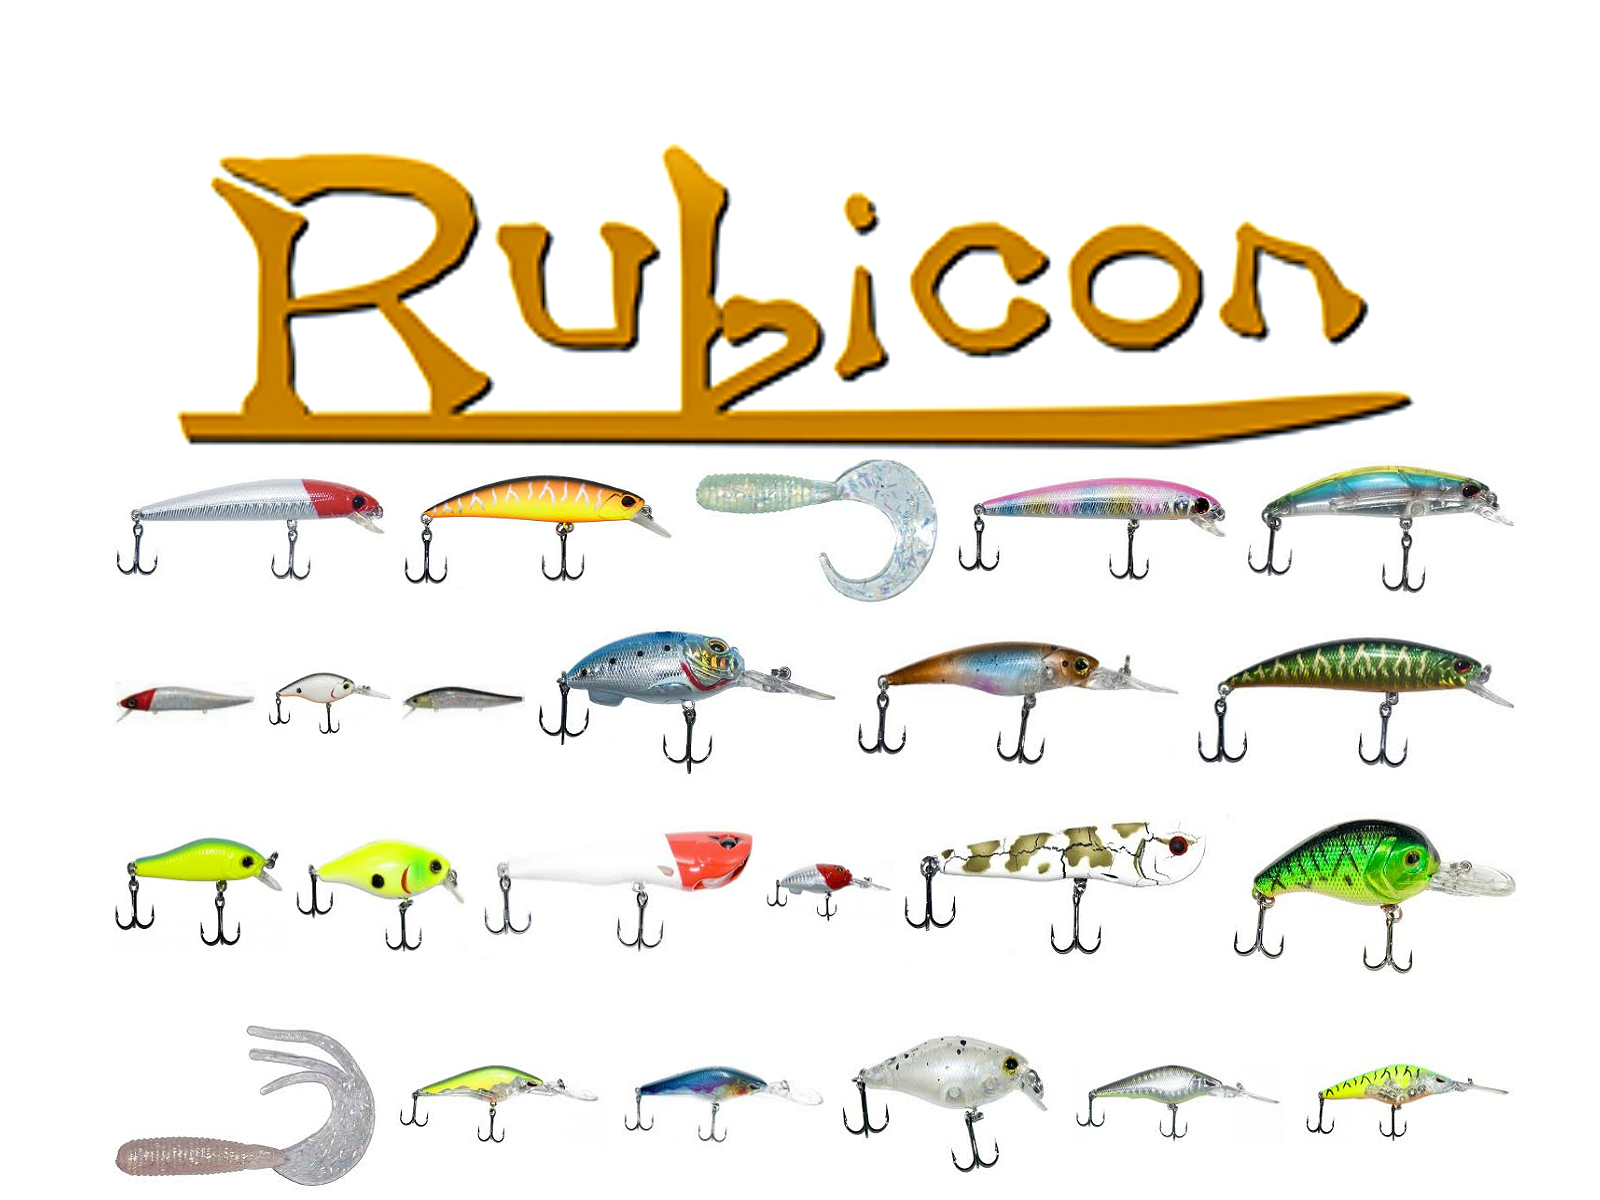 rybalka s rubicon